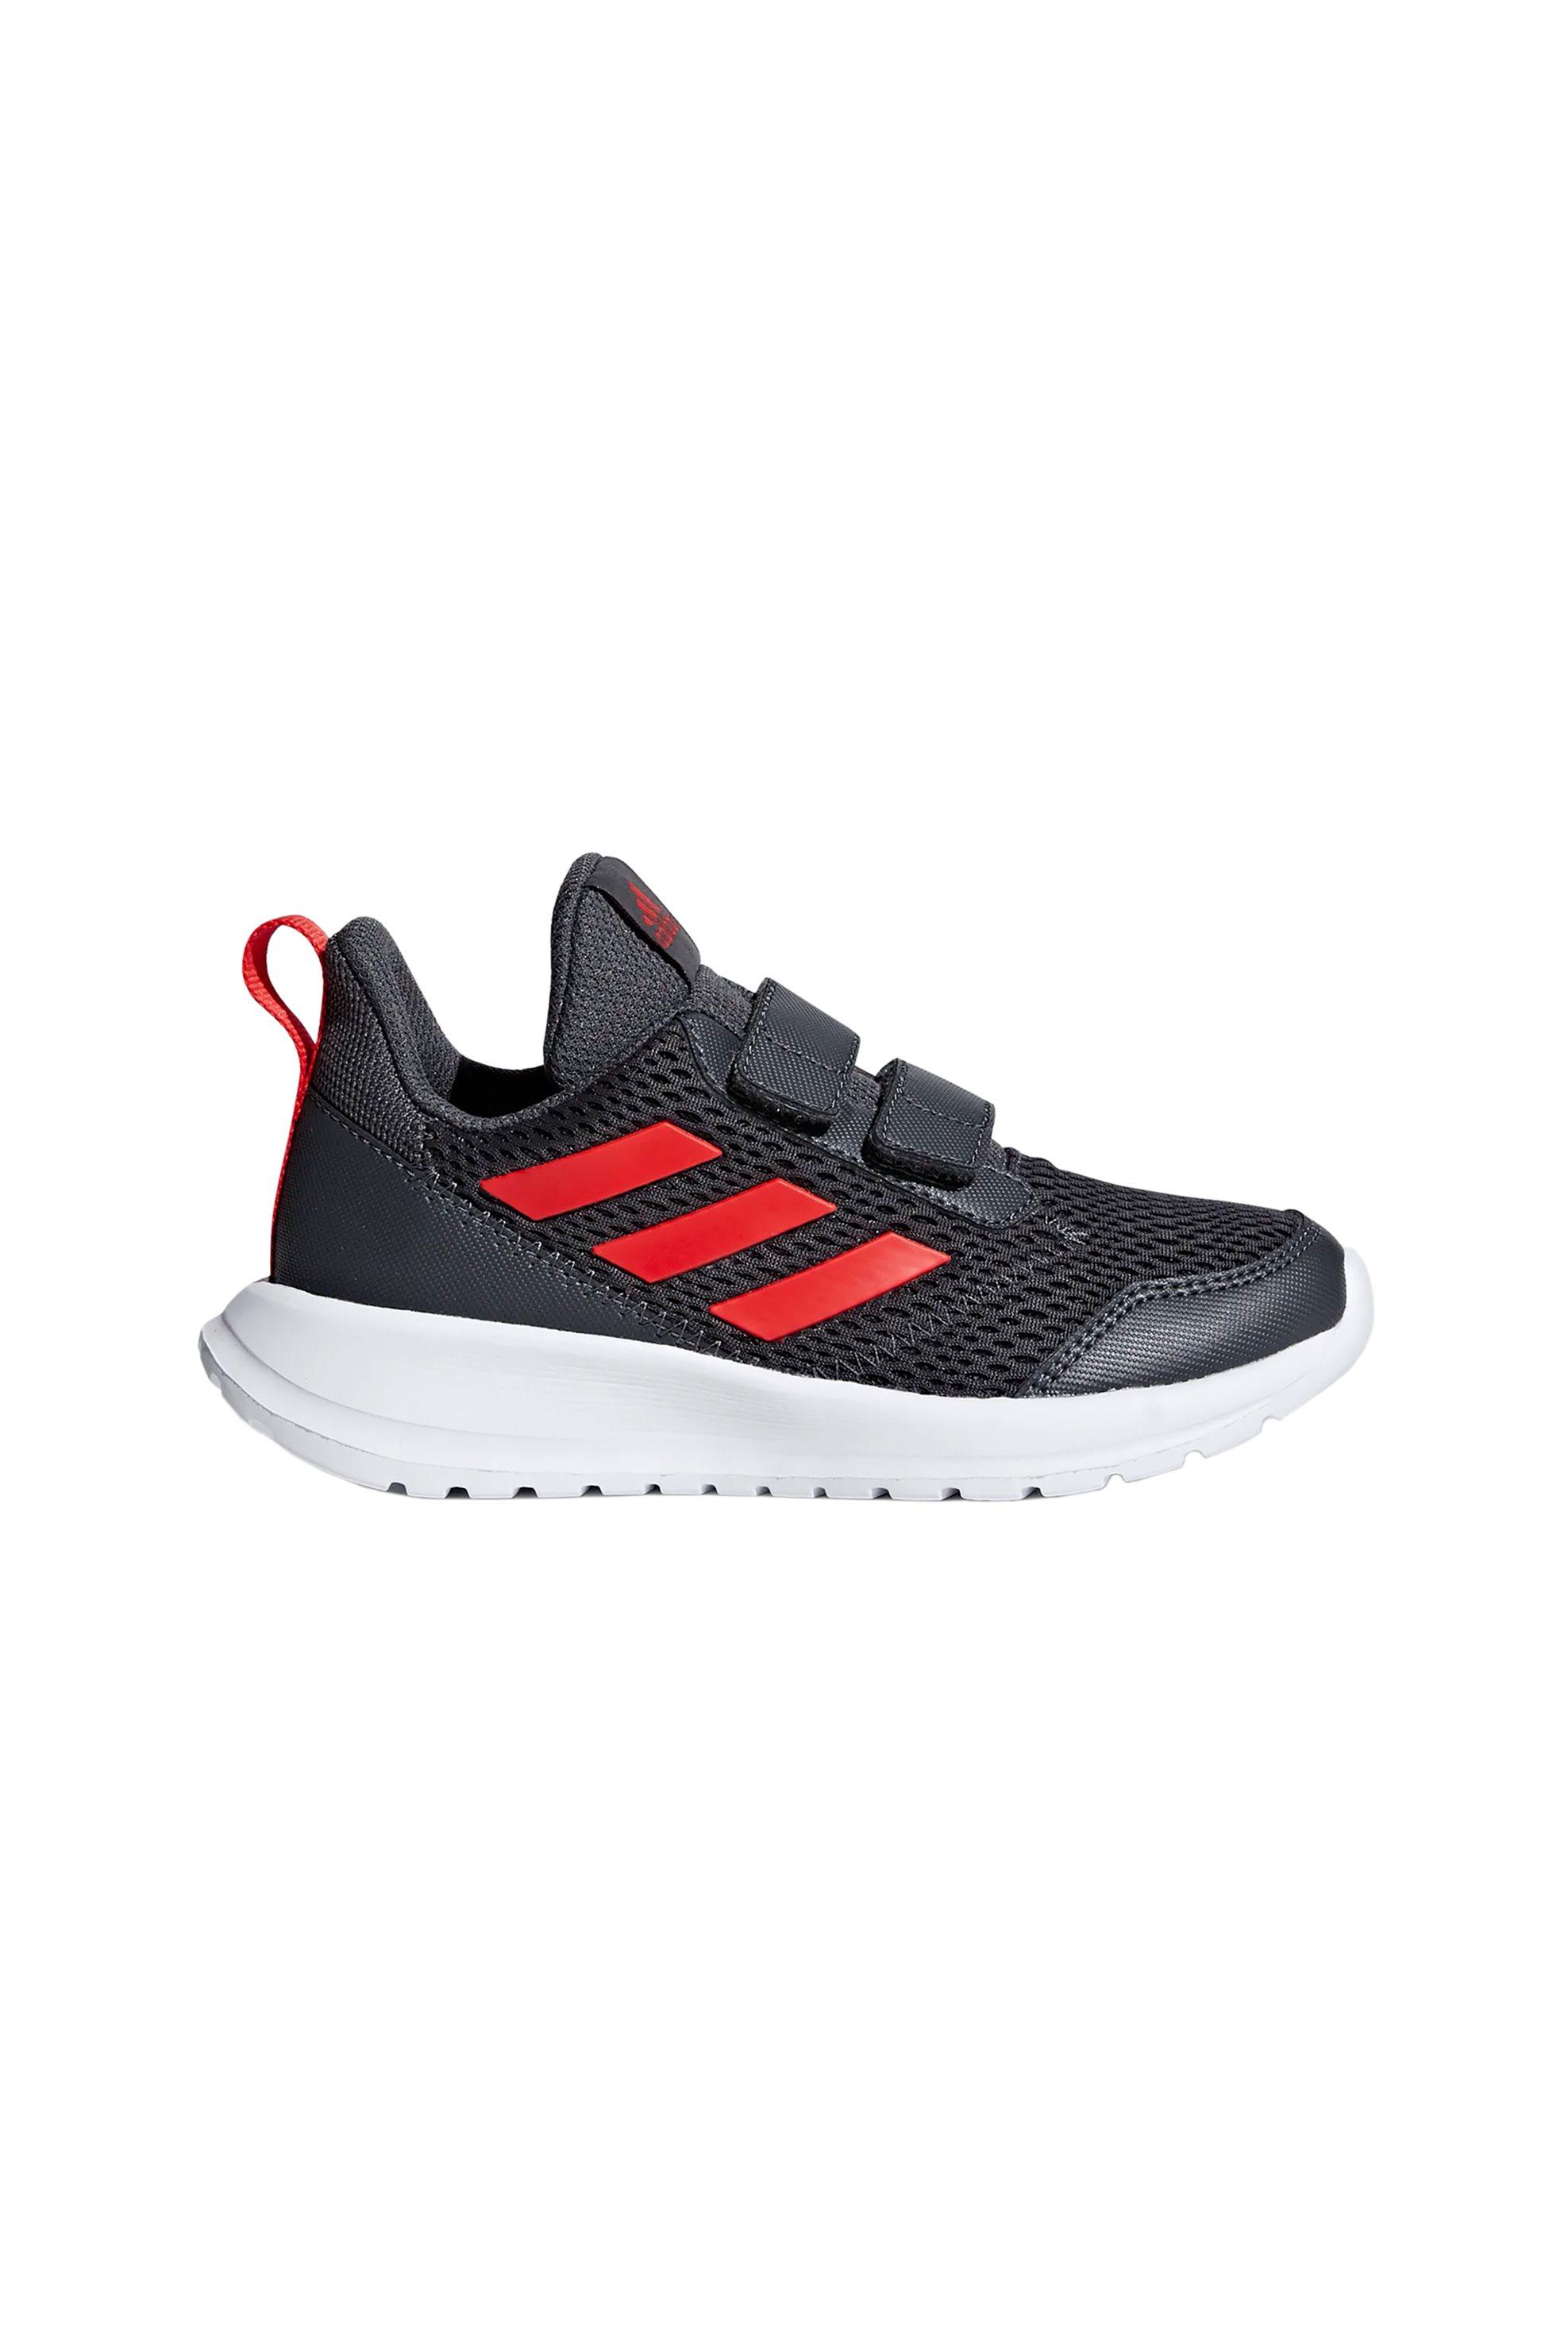 b8680eb9cfc Notos Adidas παιδικά αθλητικά παπούτσια AltaRun – CG6896 – Μαύρο